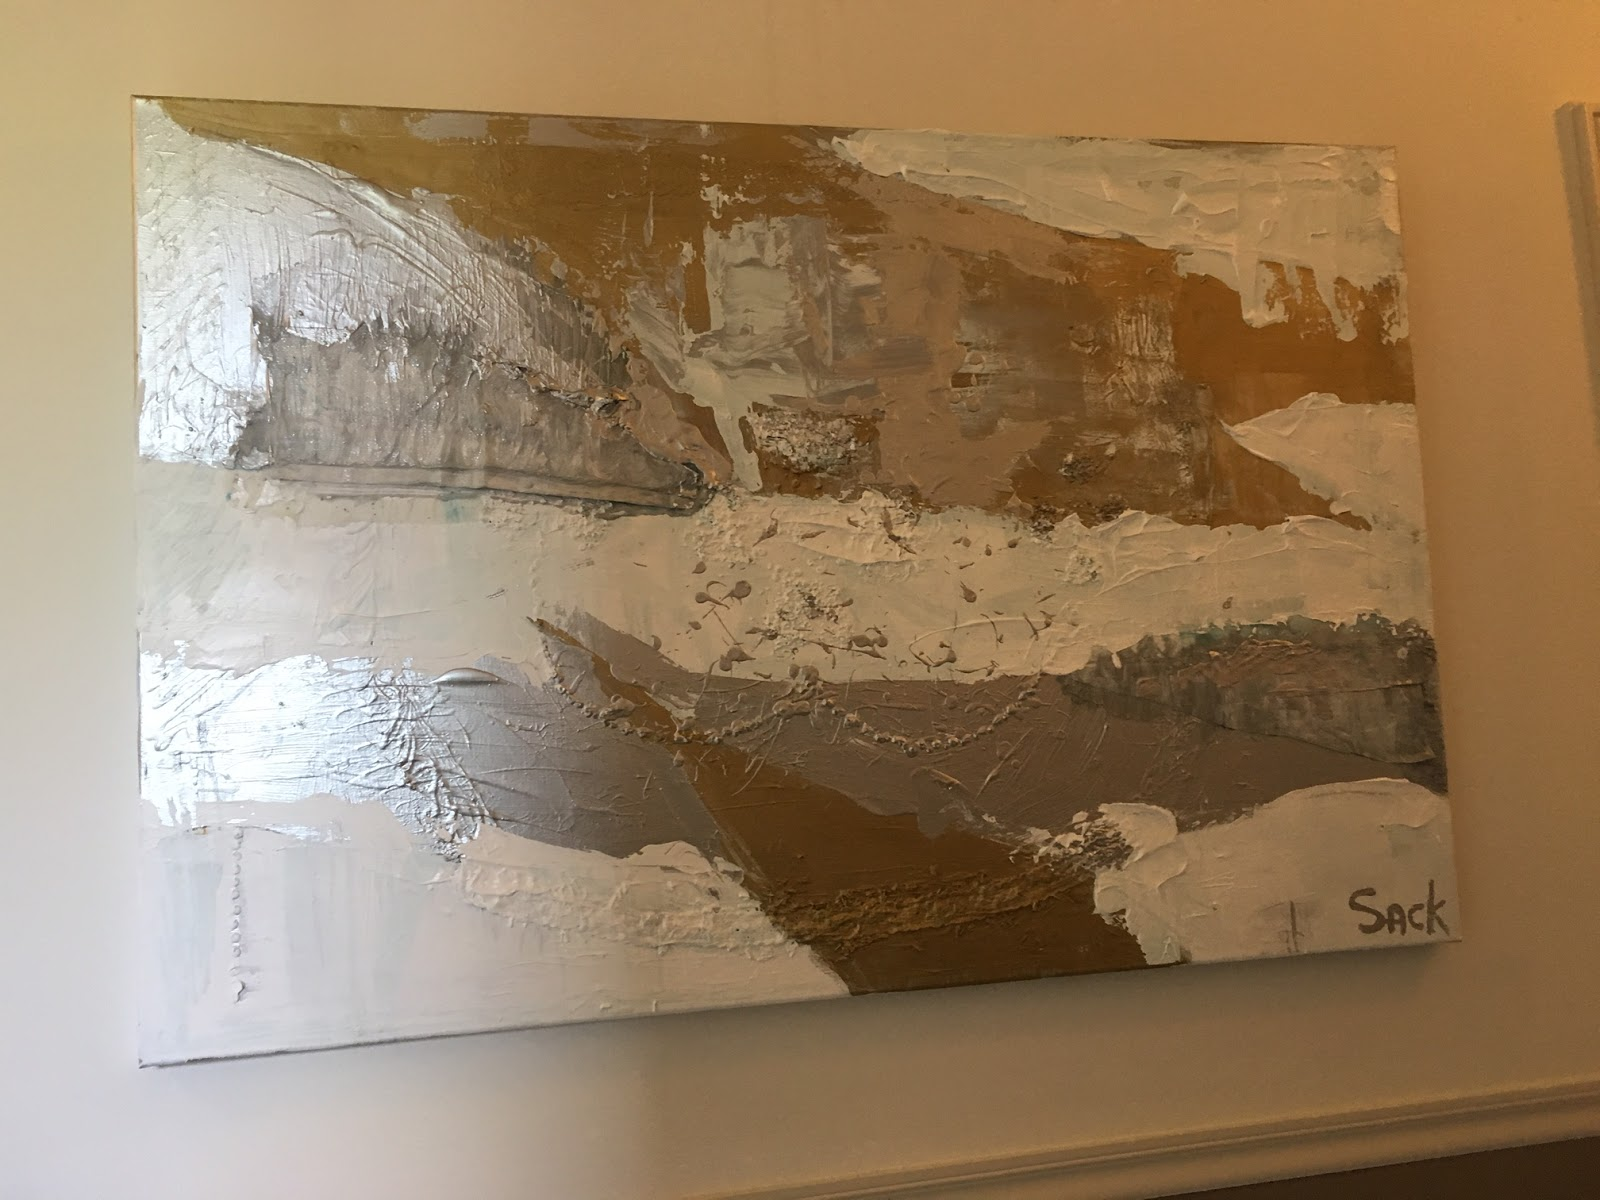 Genoeg Abstracte schilderijen | sack atelier @BB43